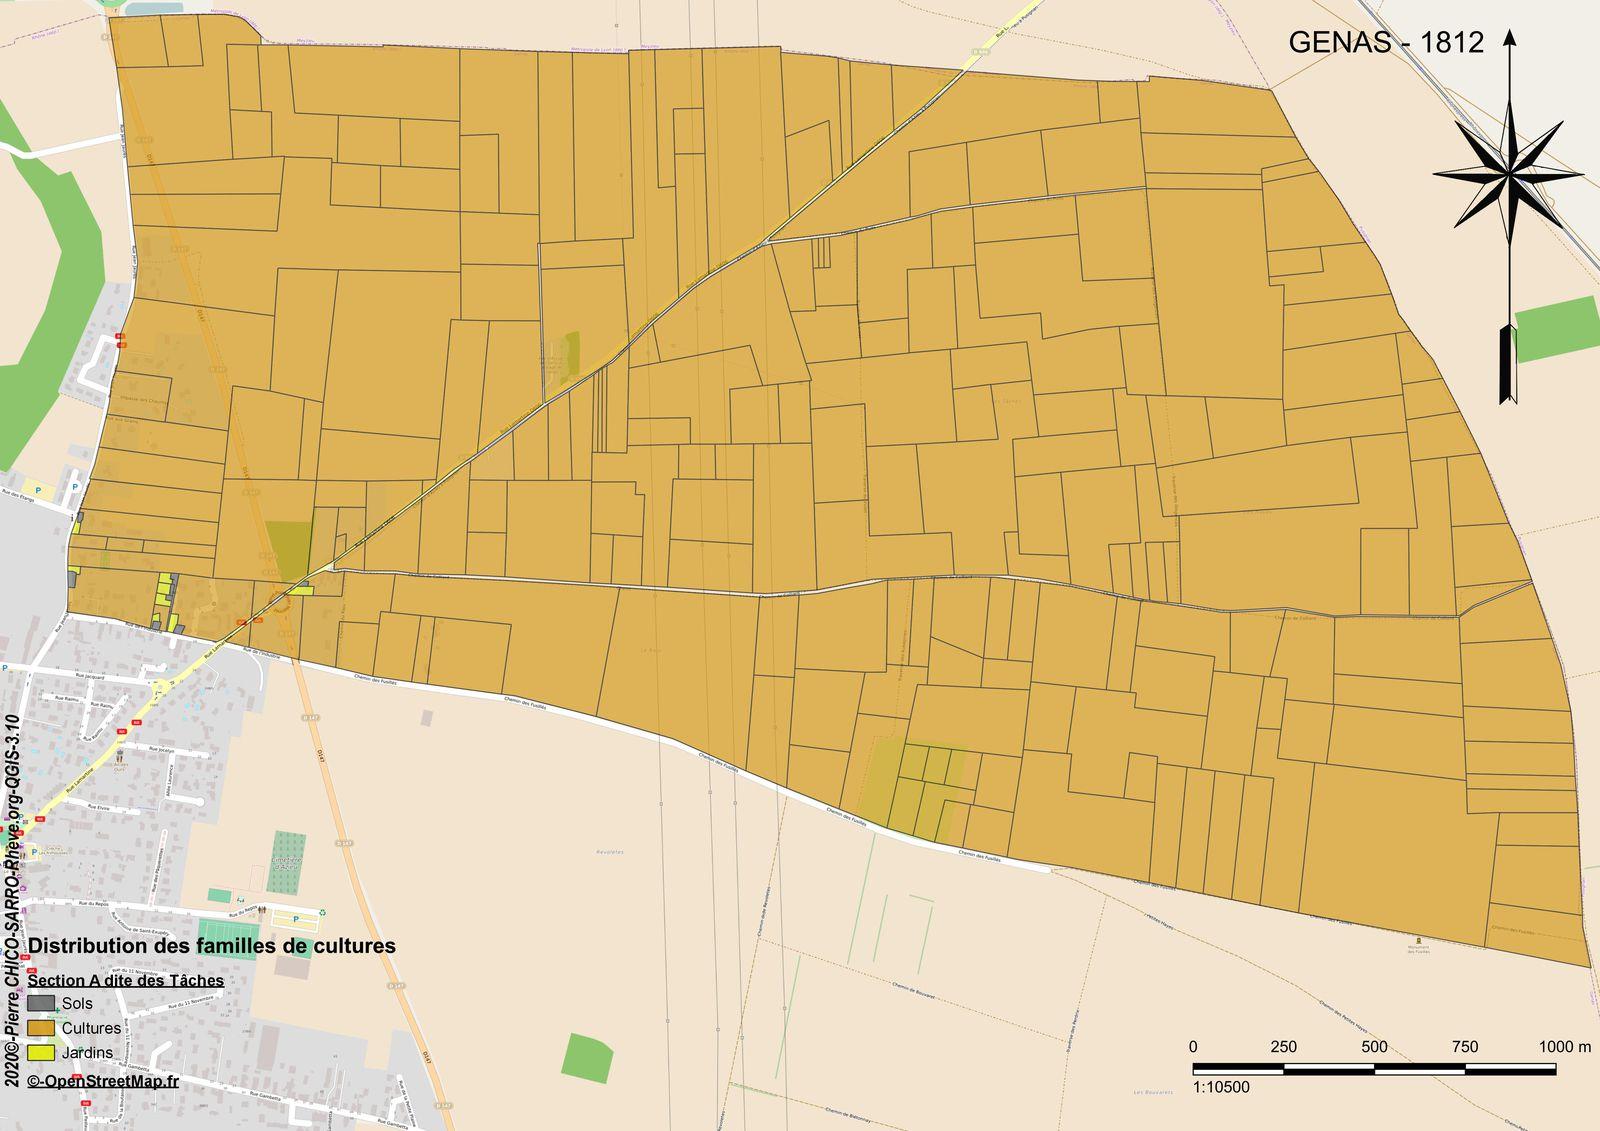 Distribution des familles de cultures sur la section A dite des Tâches à Genas en 1812